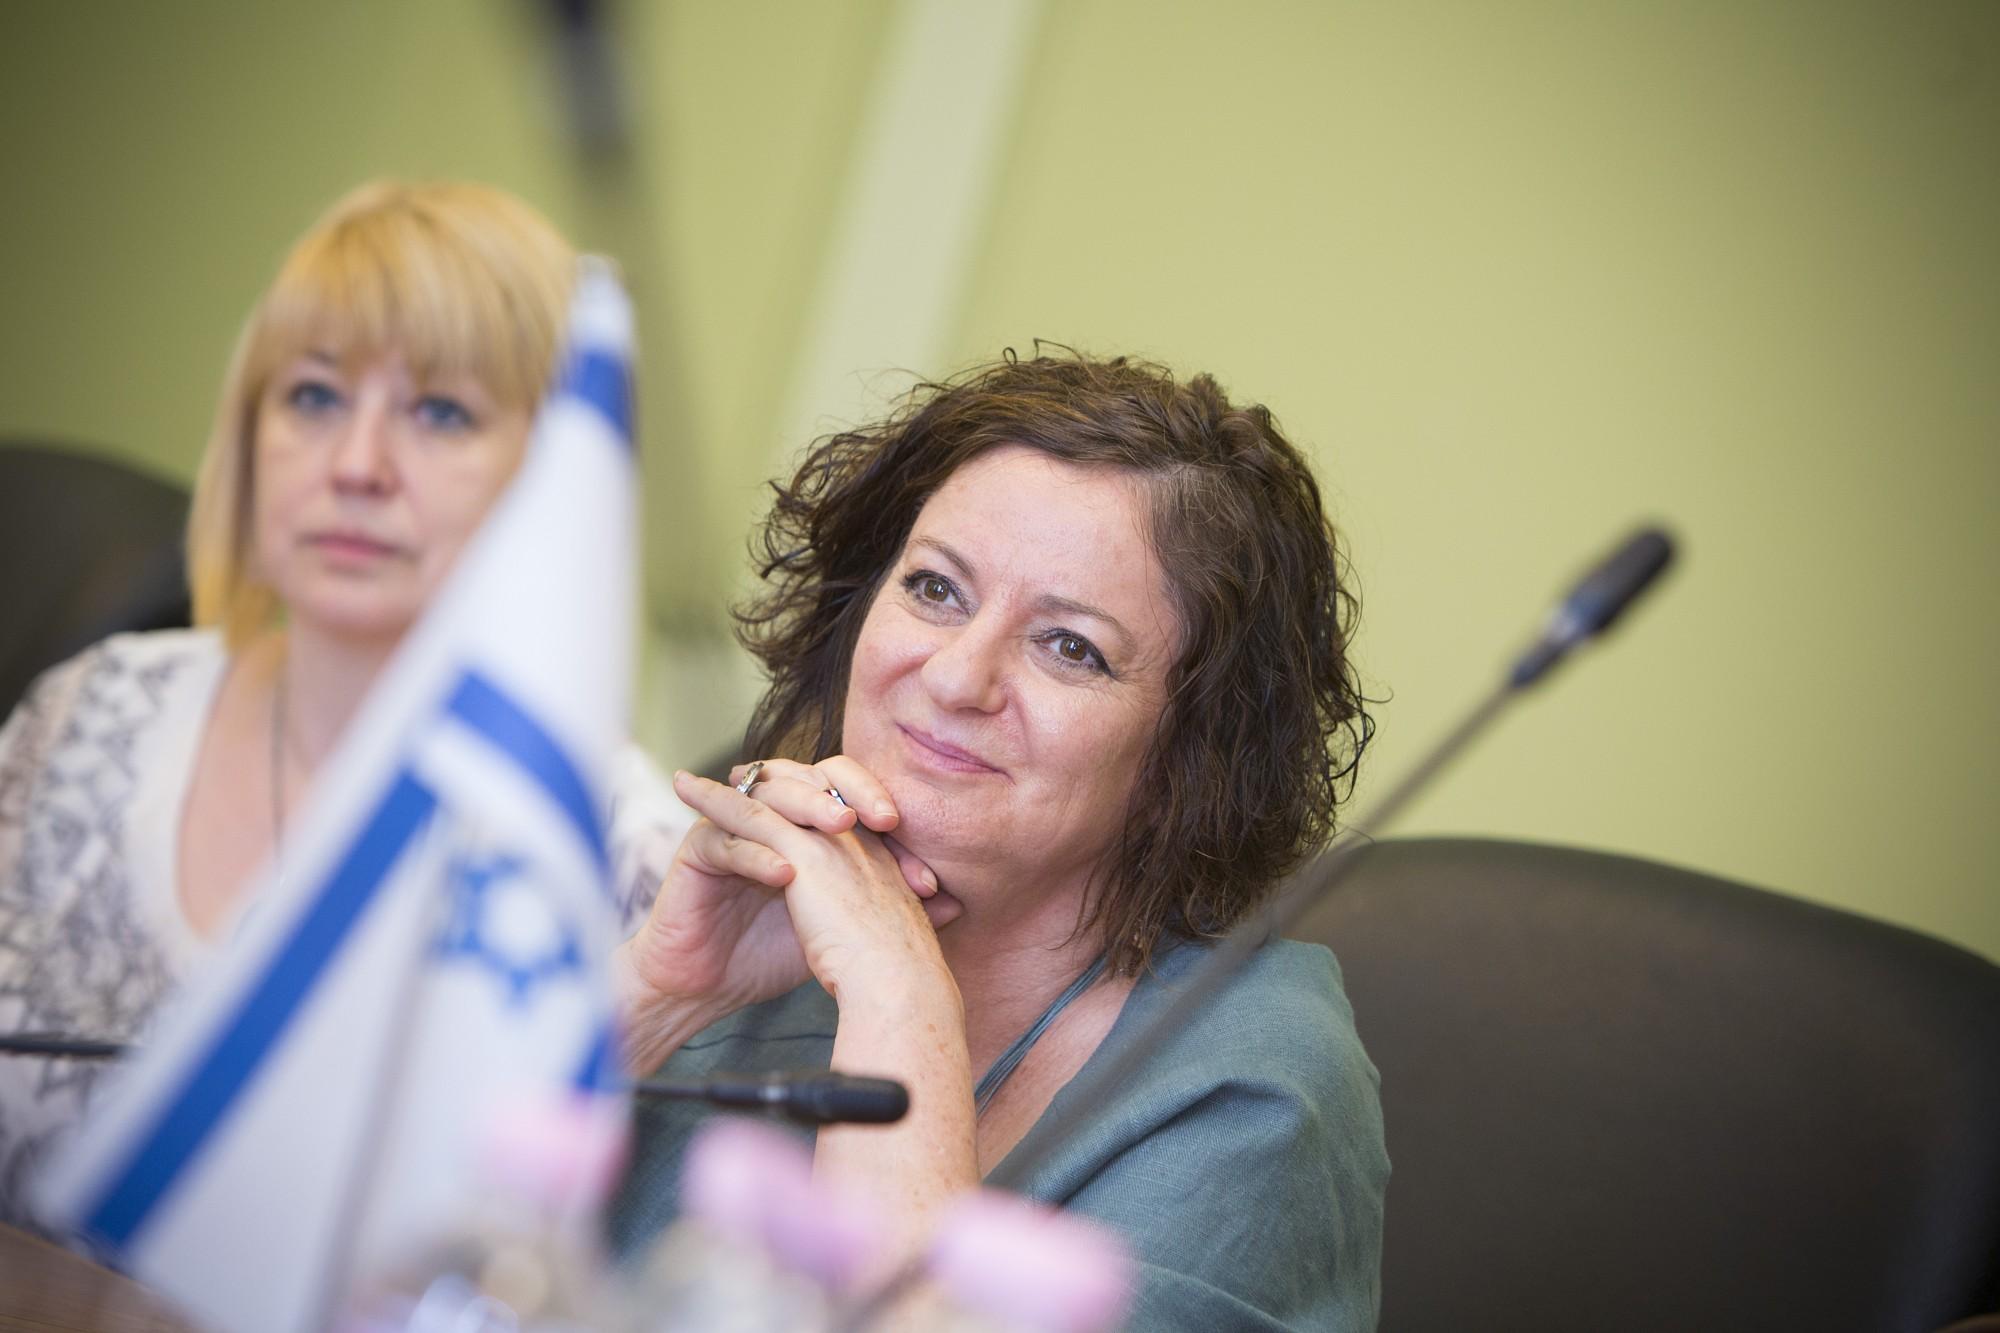 Liepāju atvadu vizītē apmeklē Izraēlas vēstniece